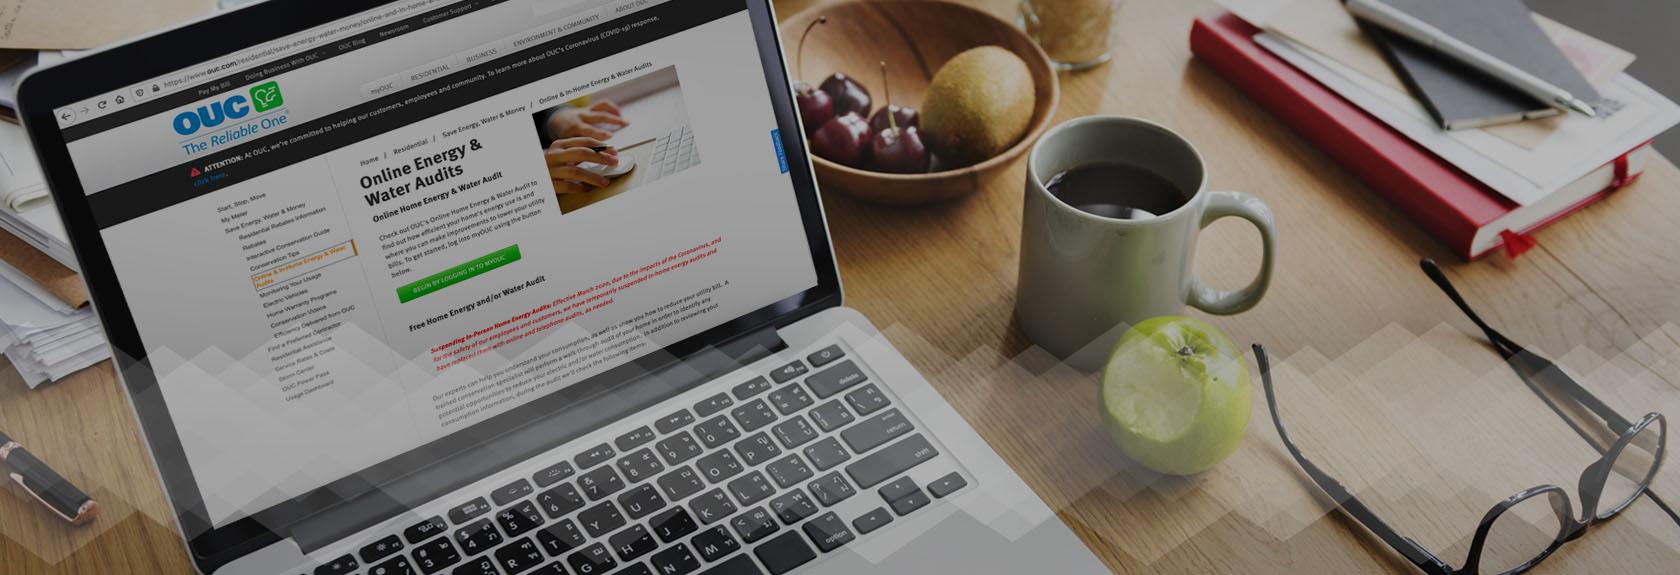 Auditoría en línea